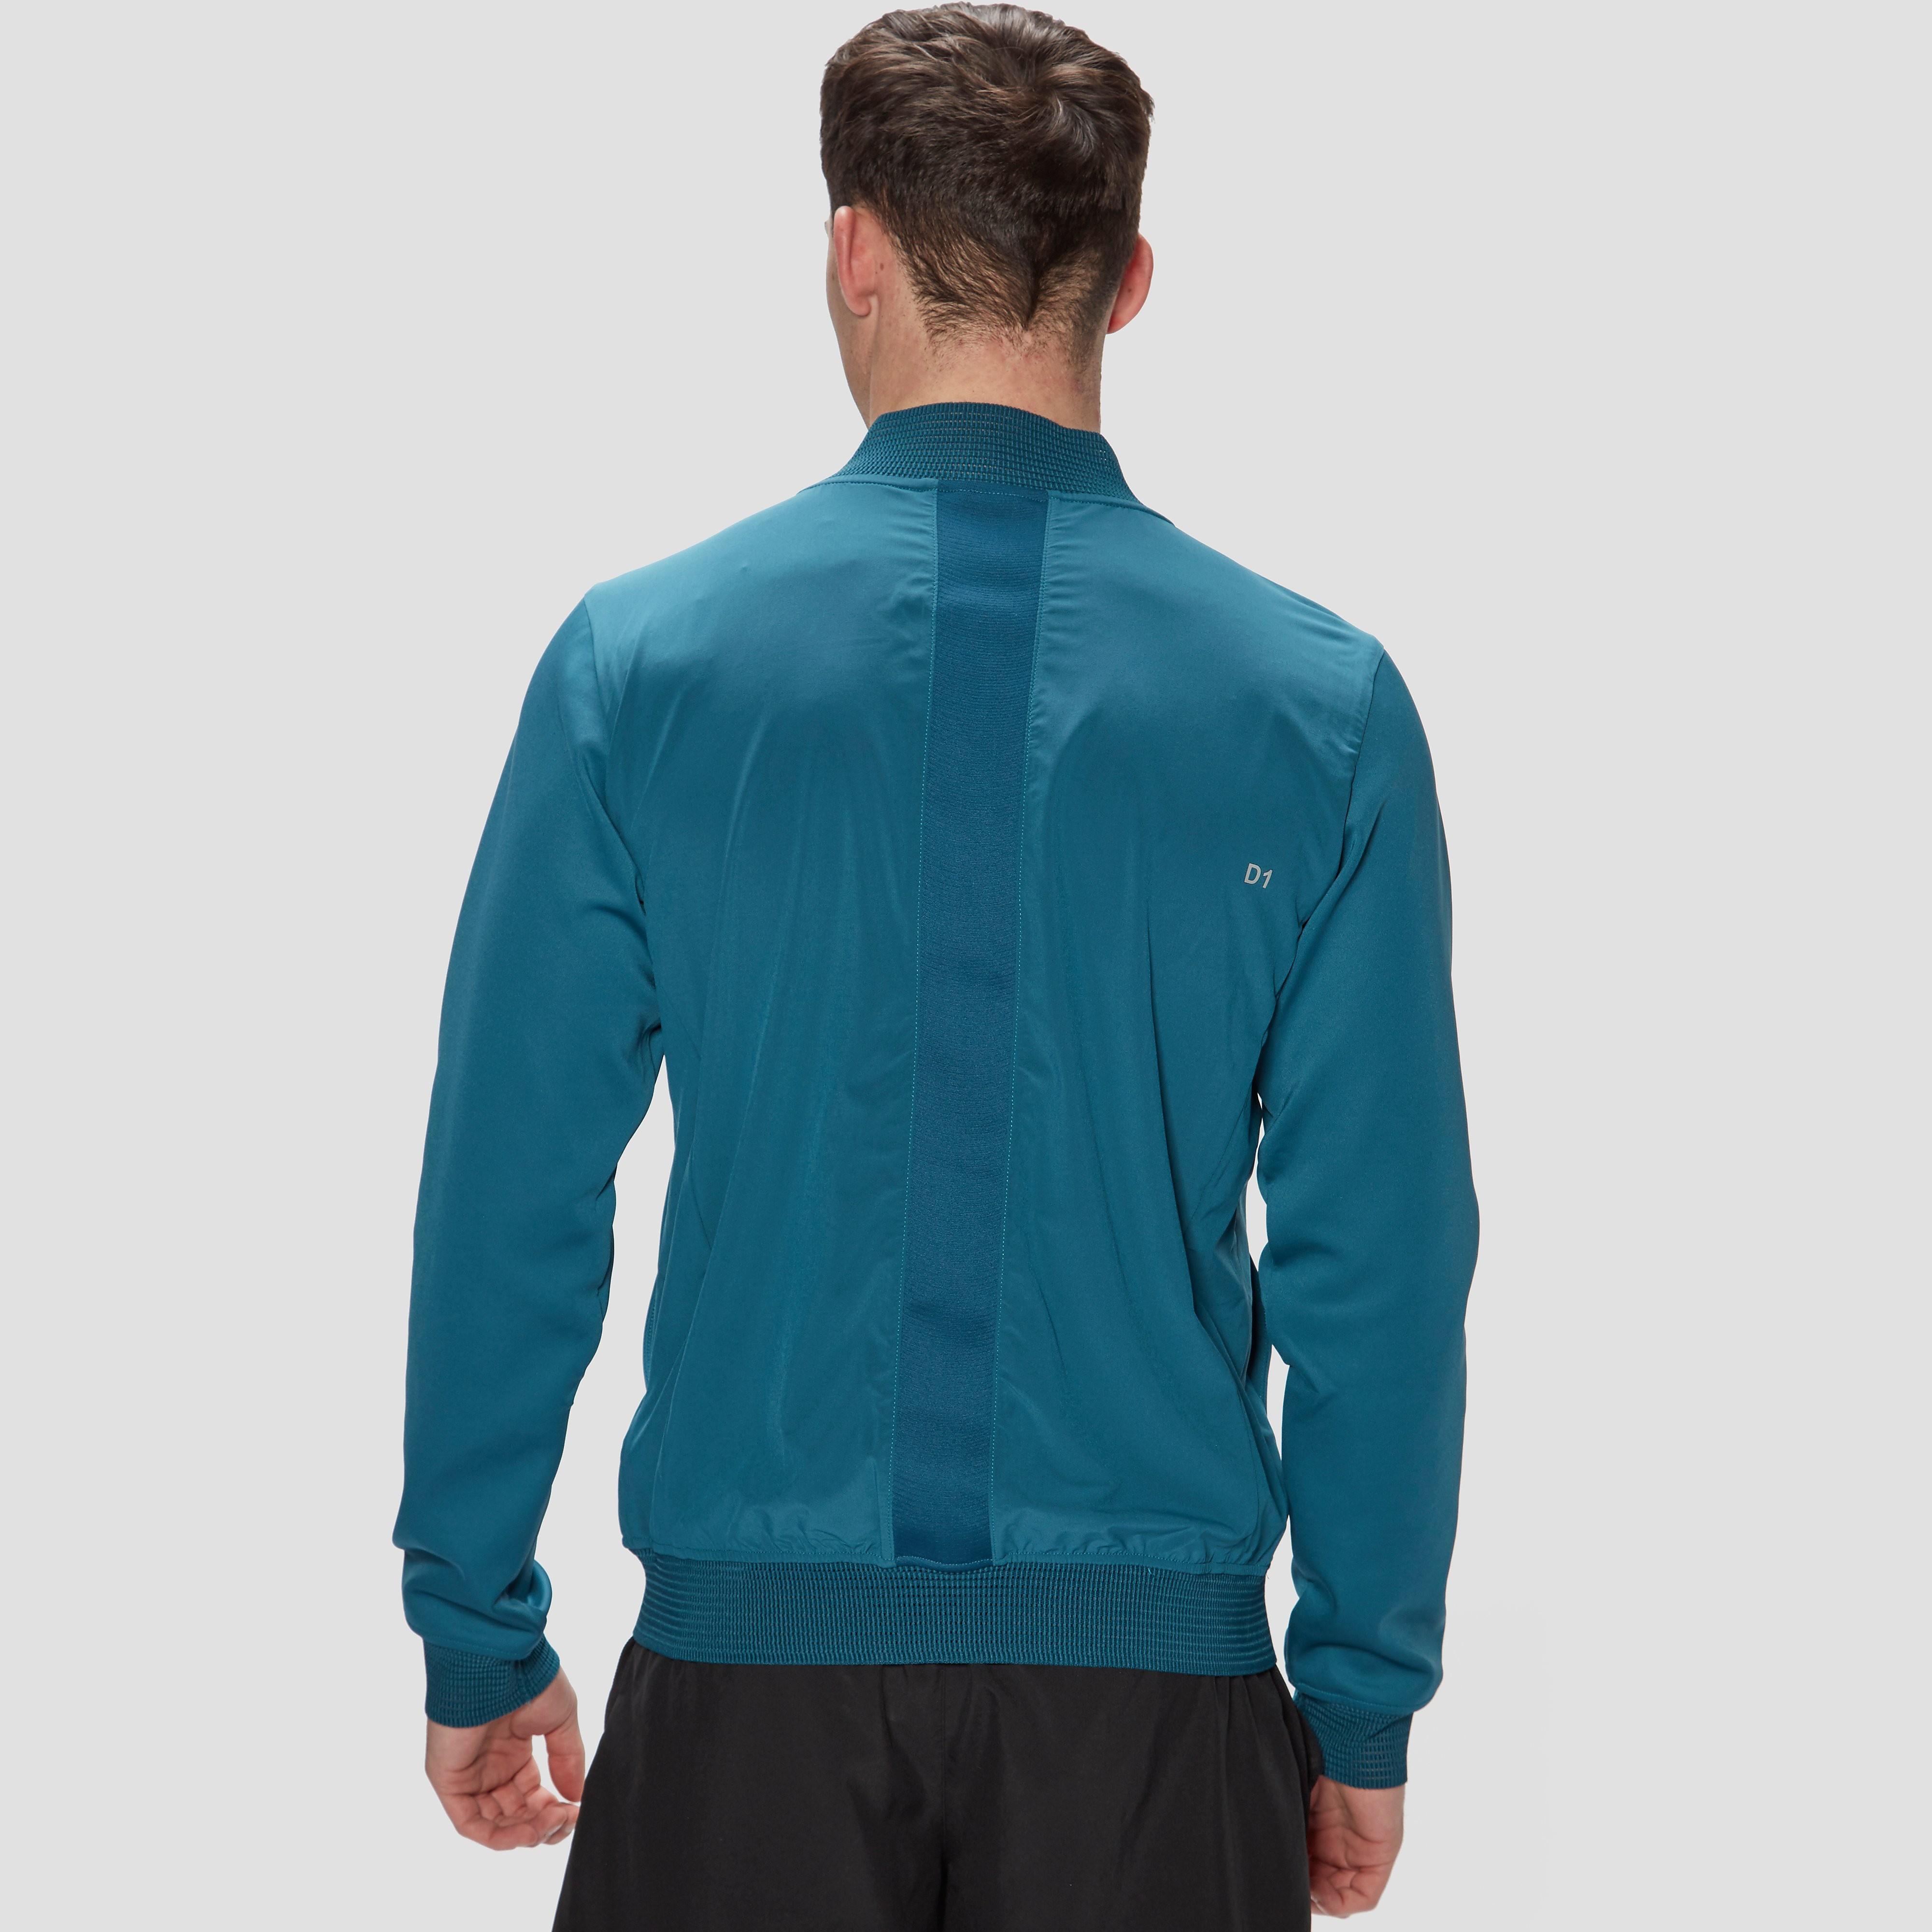 ASICS Asics Performance Men's Tennis Jacket